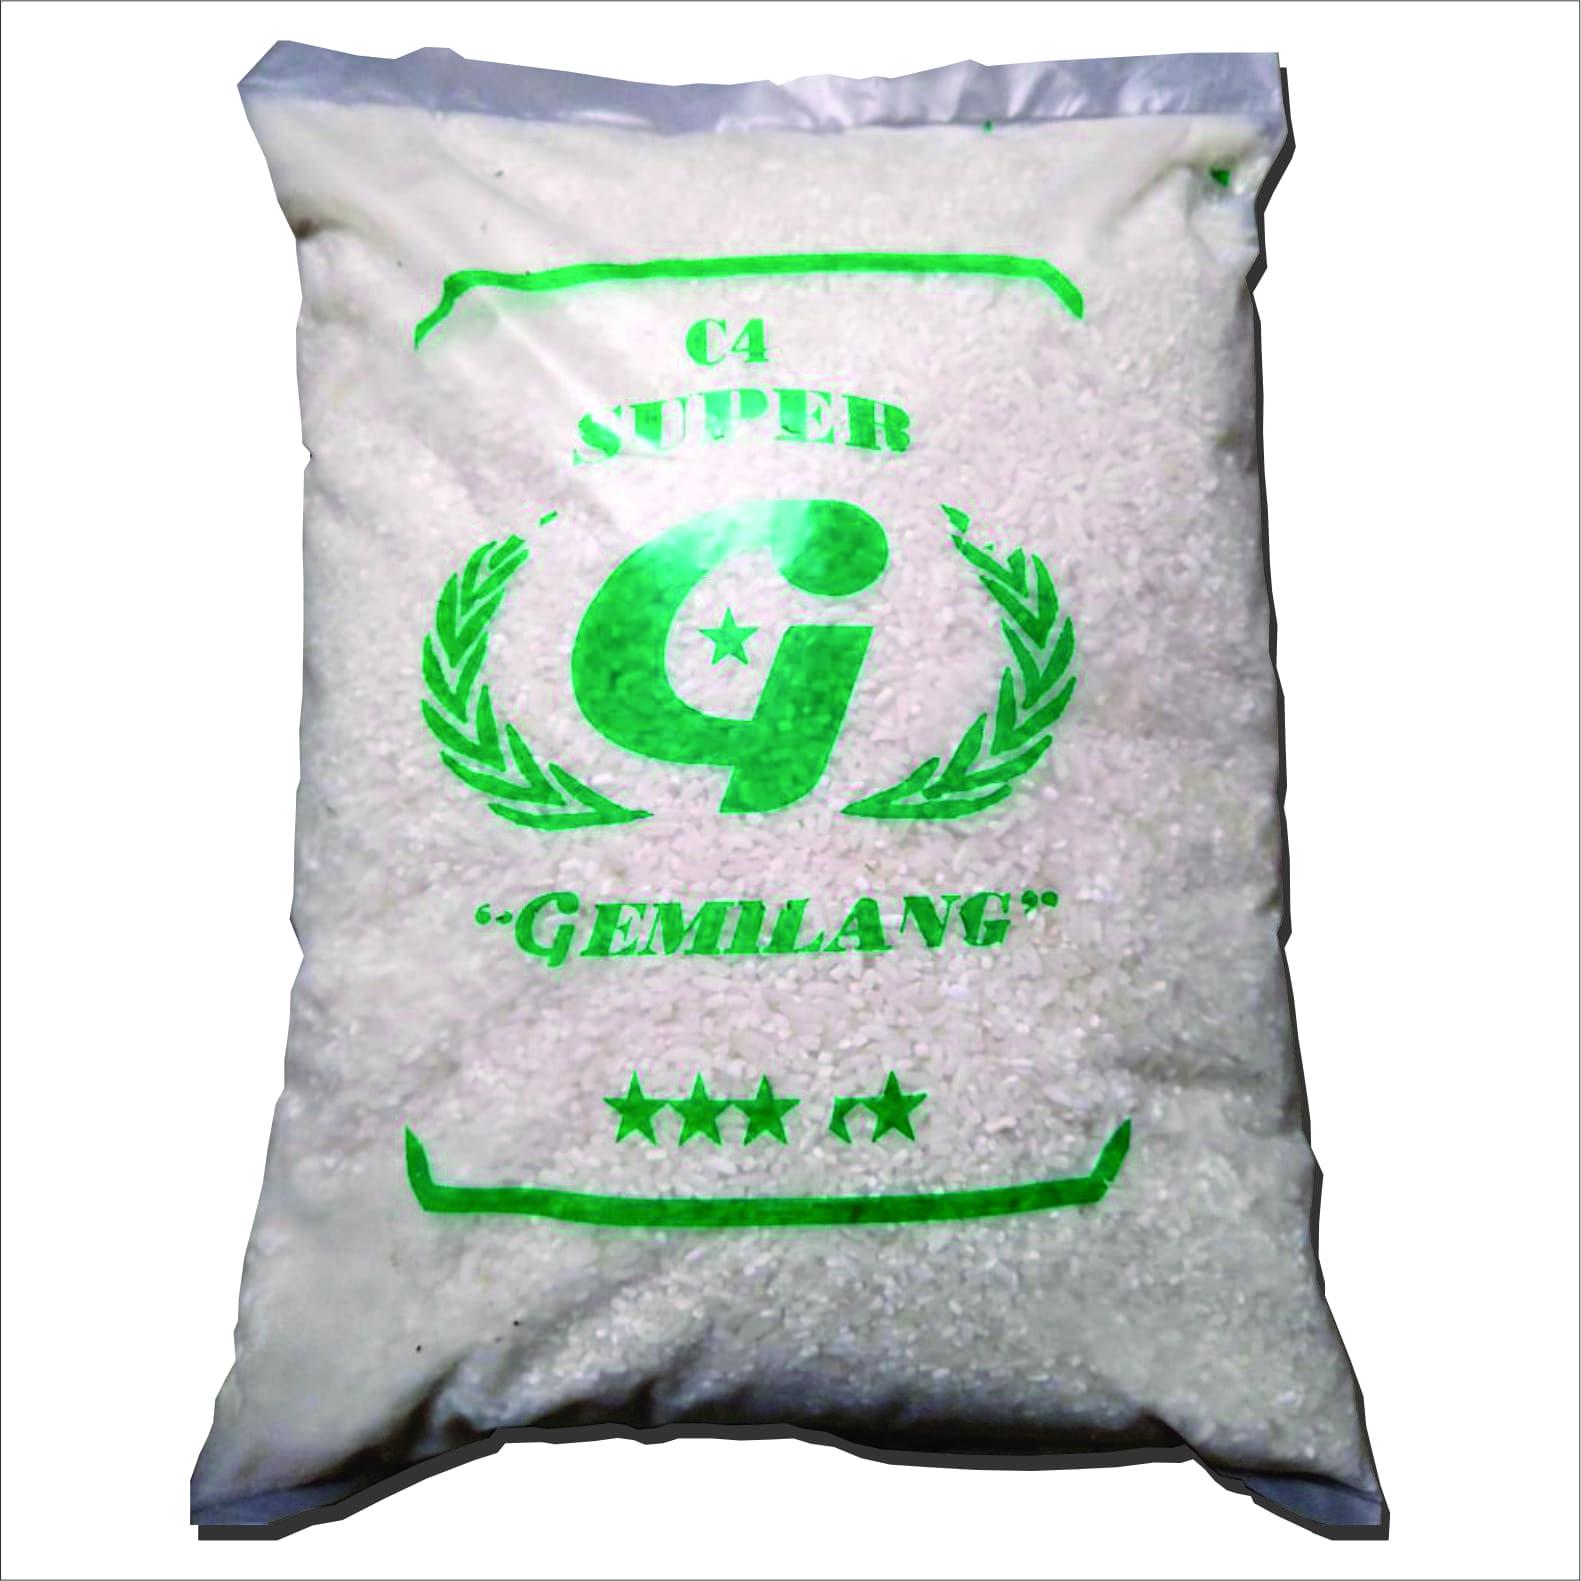 Beras Gemilang C4 Super 2,5kg - Blanja.com